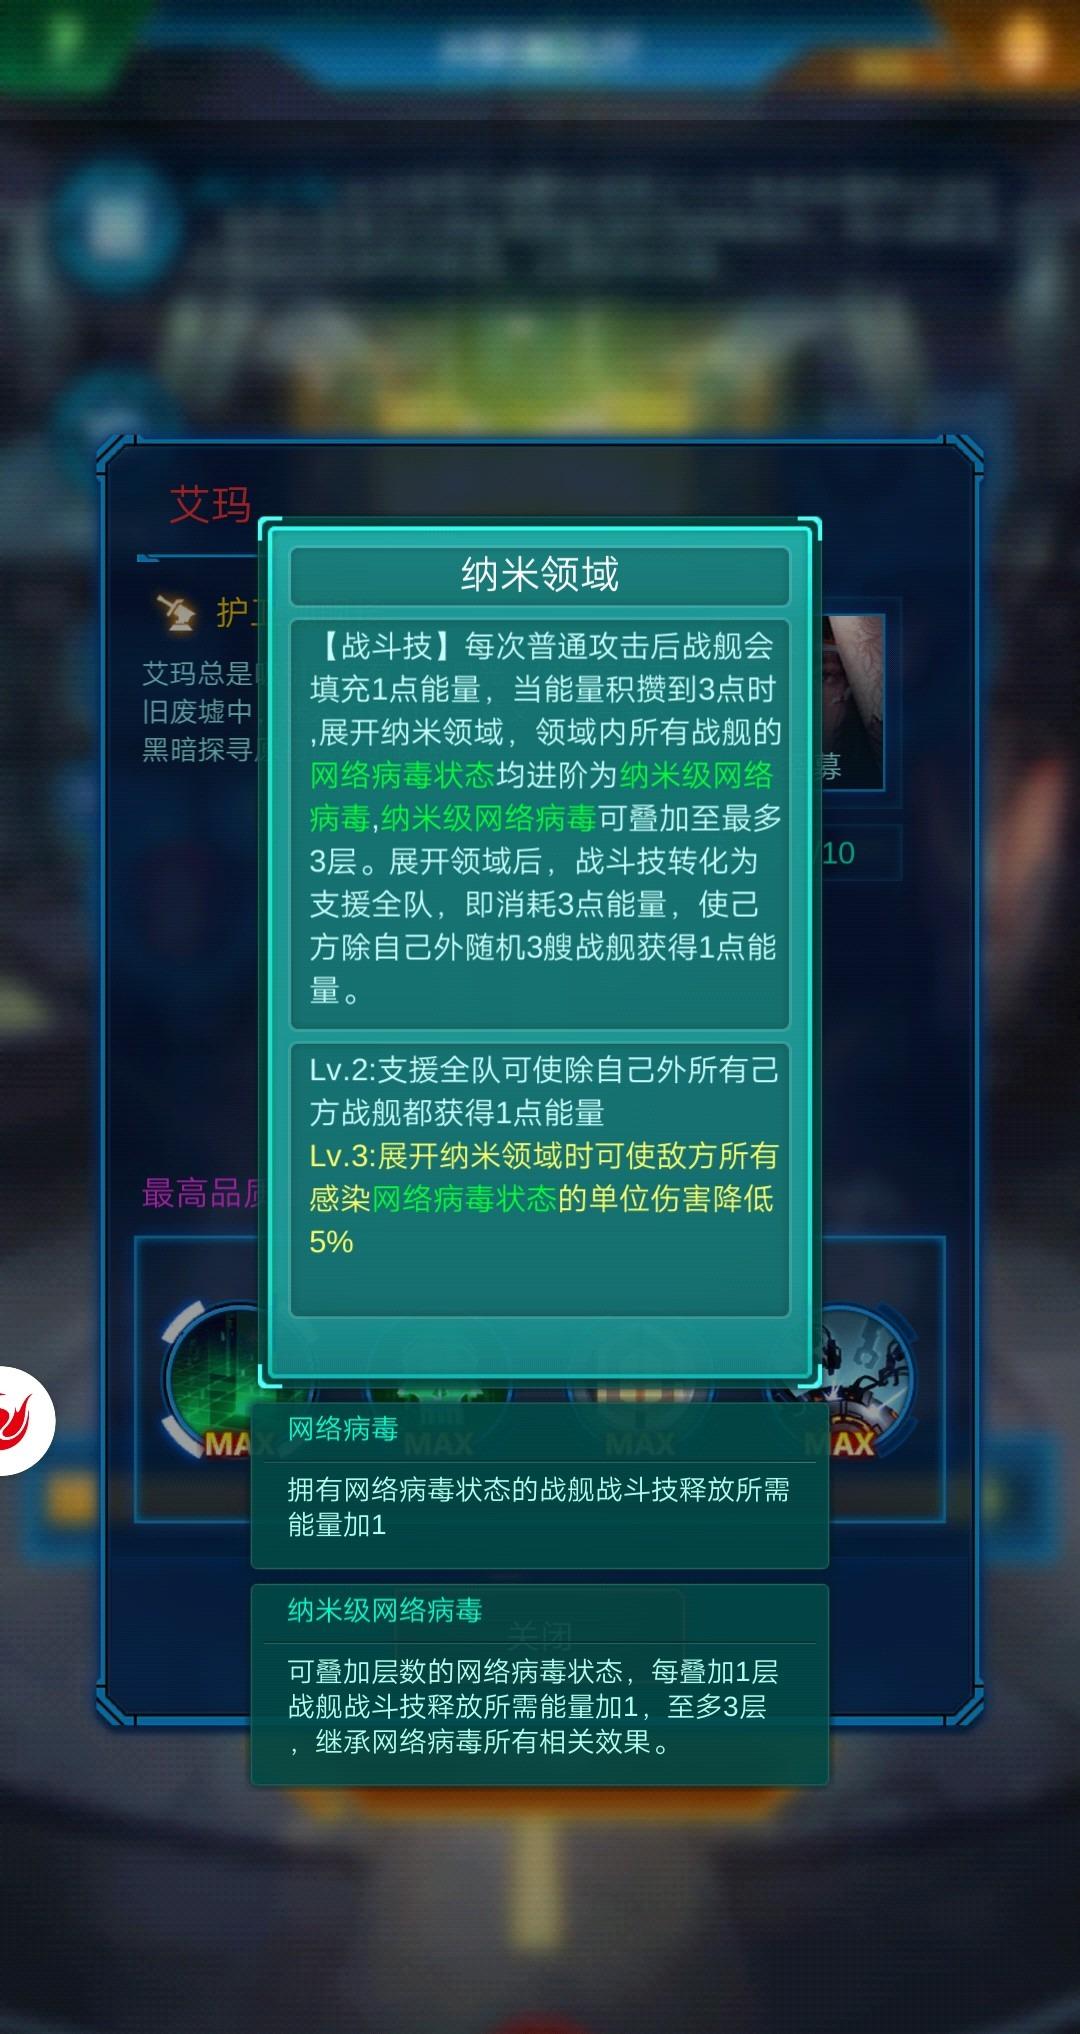 Screenshot_2020_0601_231440.jpg